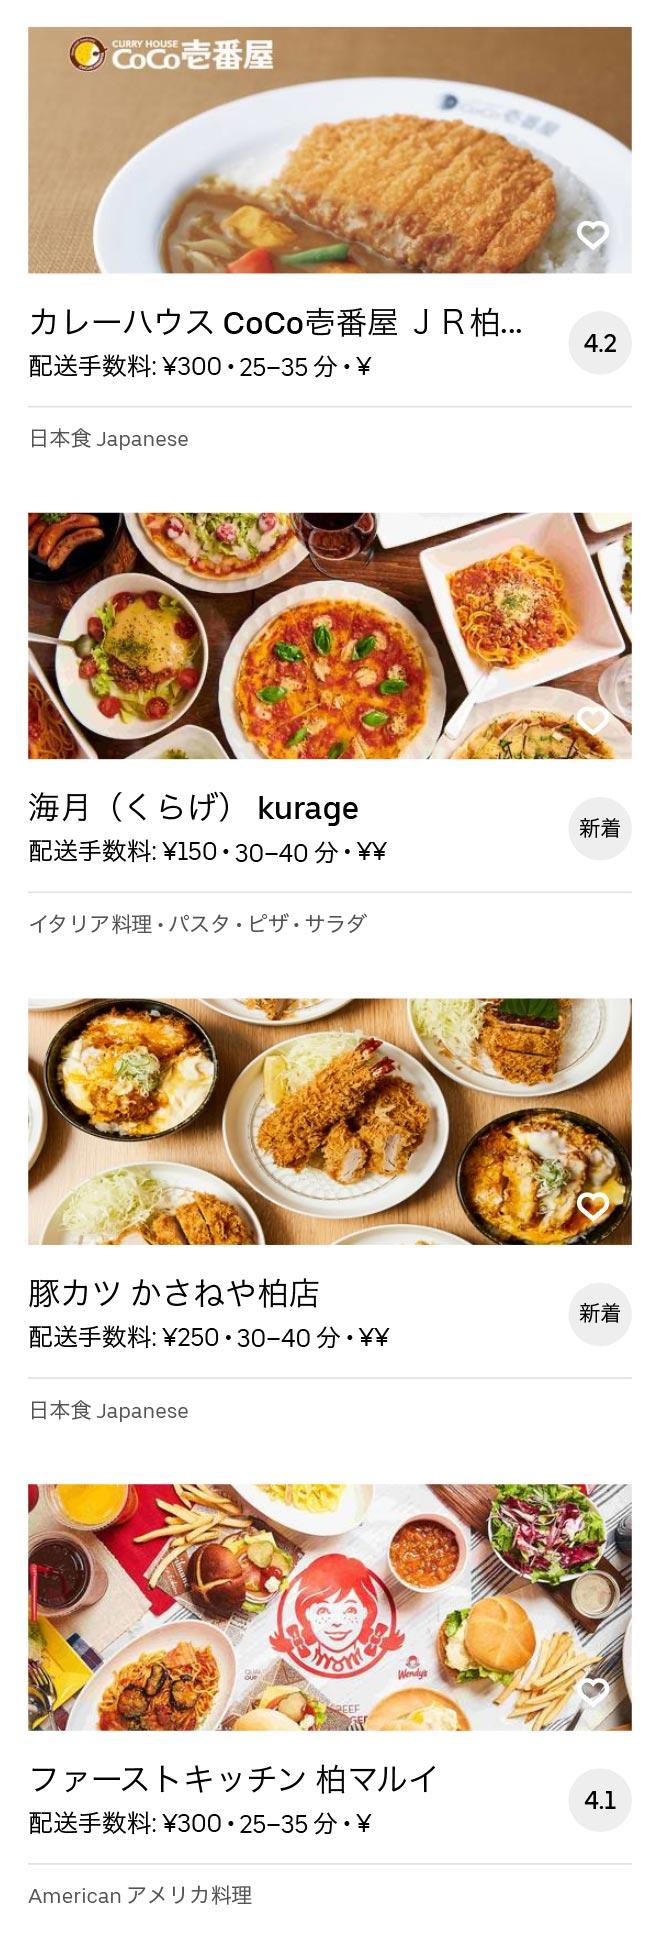 Minami kashiwa menu 2007 05